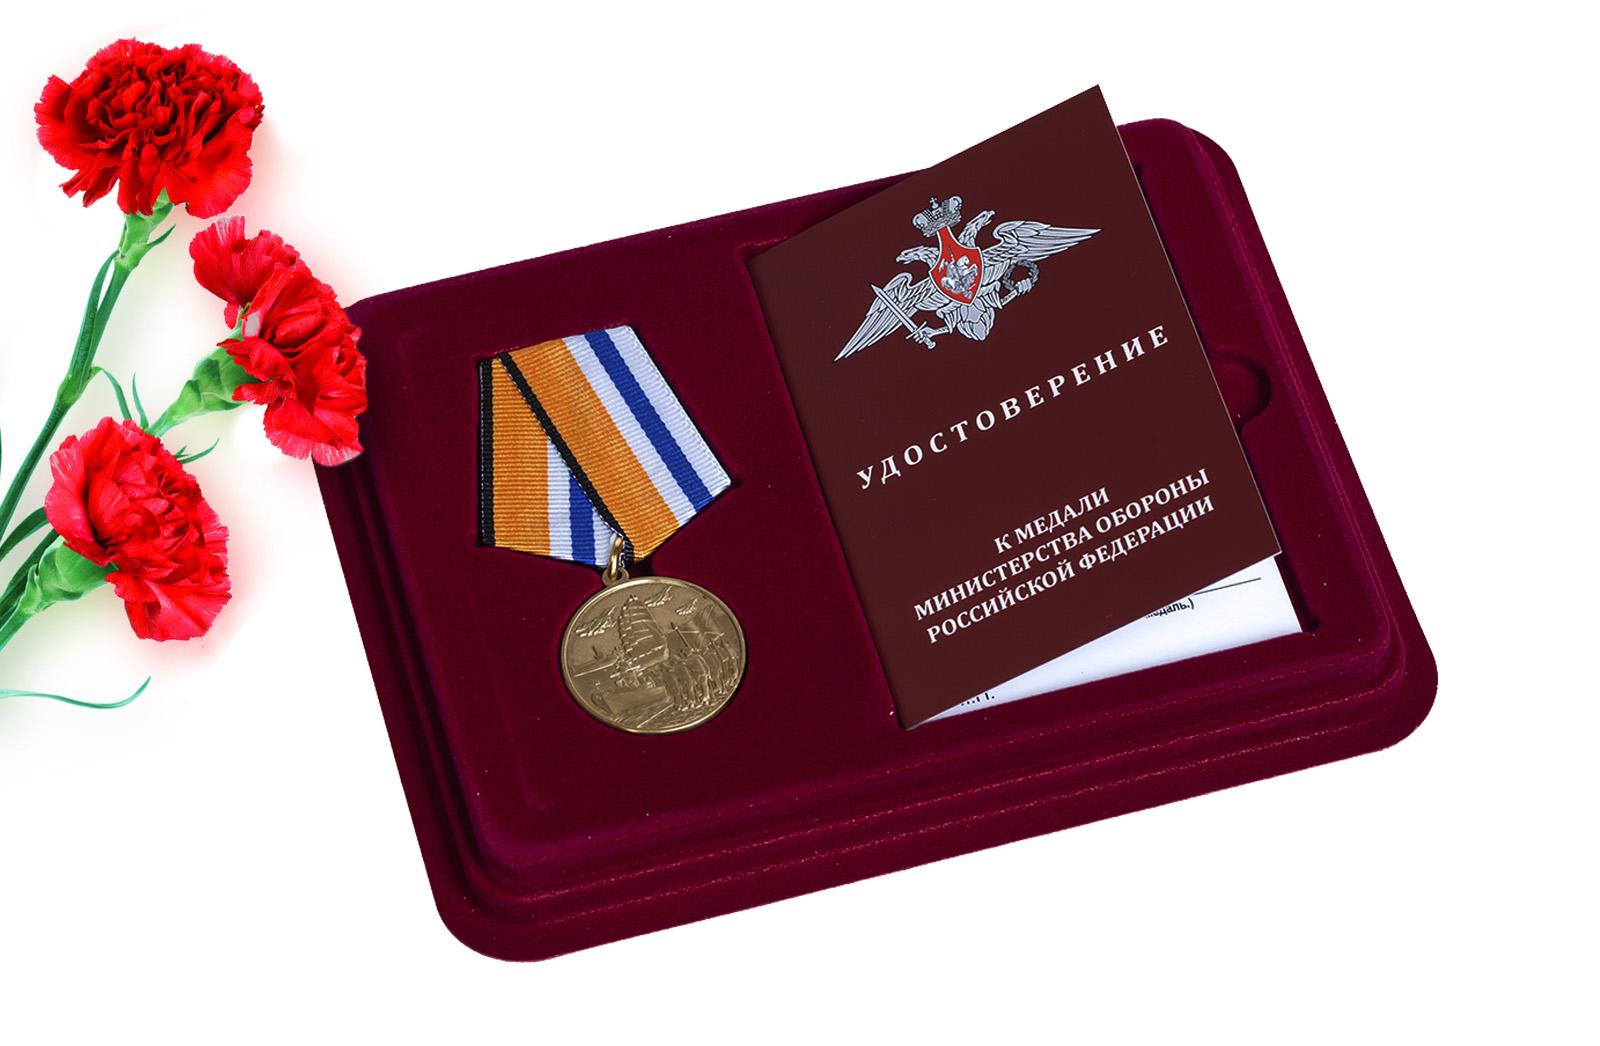 Купить памятную медаль За участие в Главном военно-морском параде с доставкой в ваш город